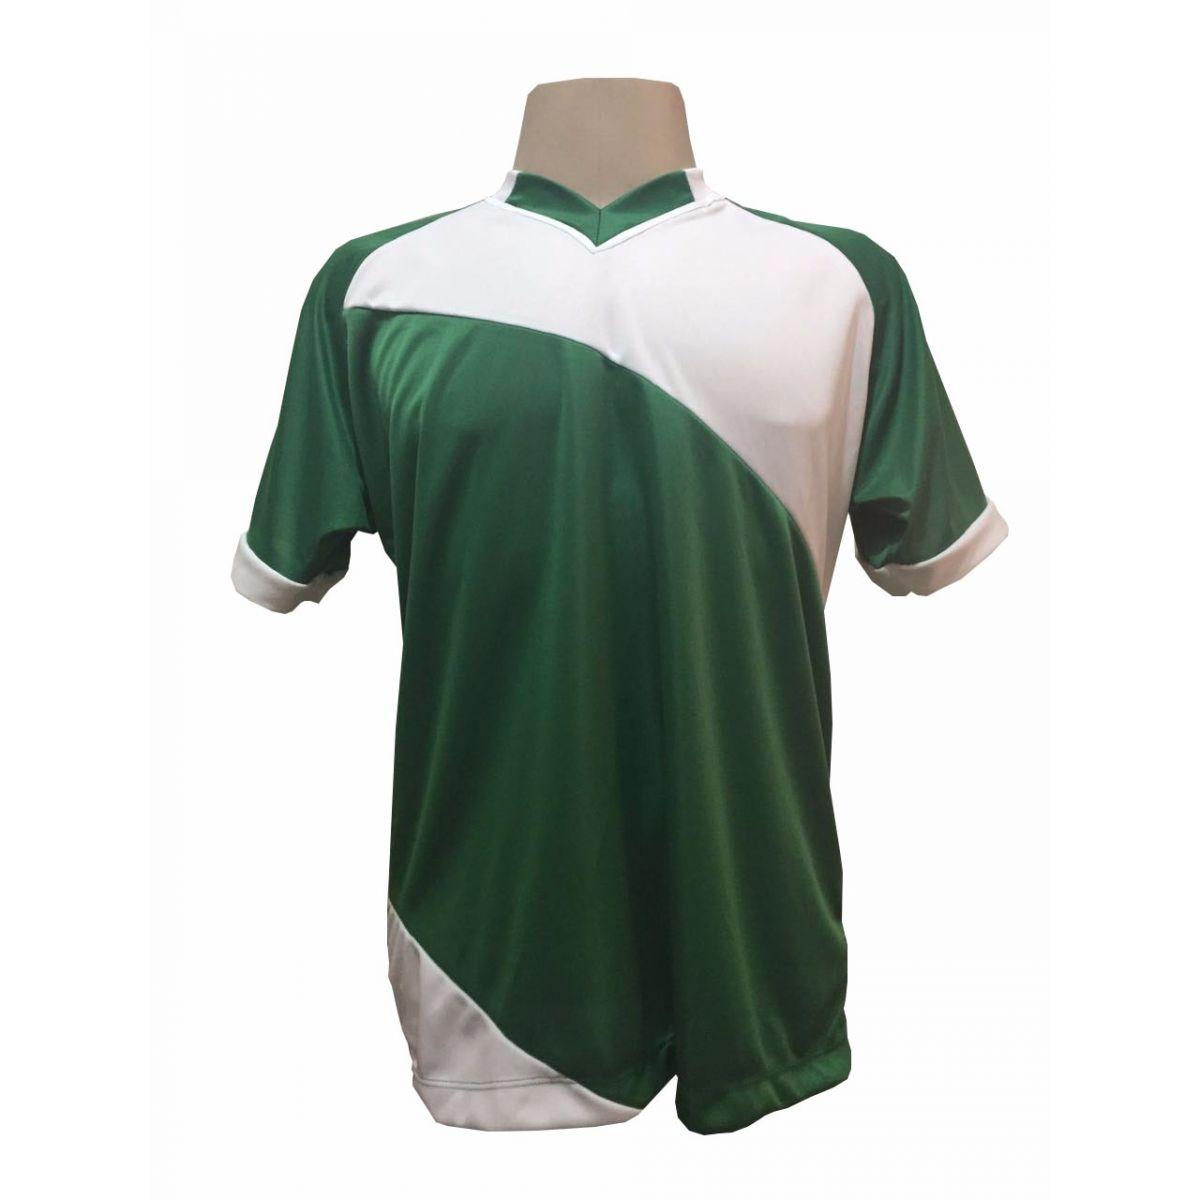 Uniforme Esportivo com 20 camisas modelo Bélgica Verde/Branco + 20 calções modelo Madrid Verde + 20 pares de meiões Verde